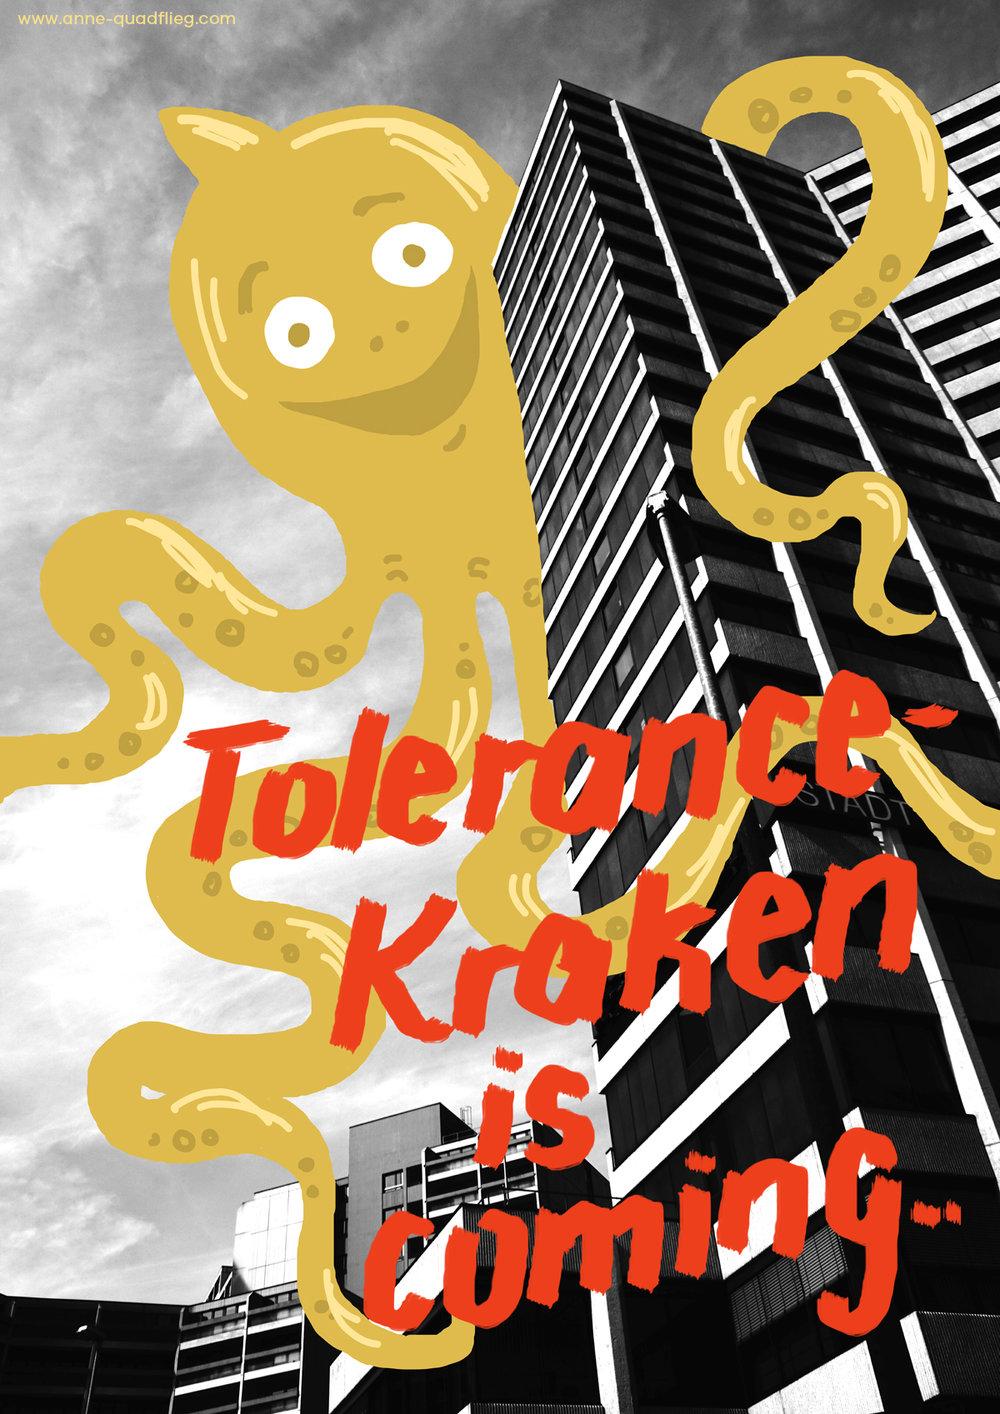 Anne Quadflieg_Anfachen_Toleranz_Plakat3.jpg